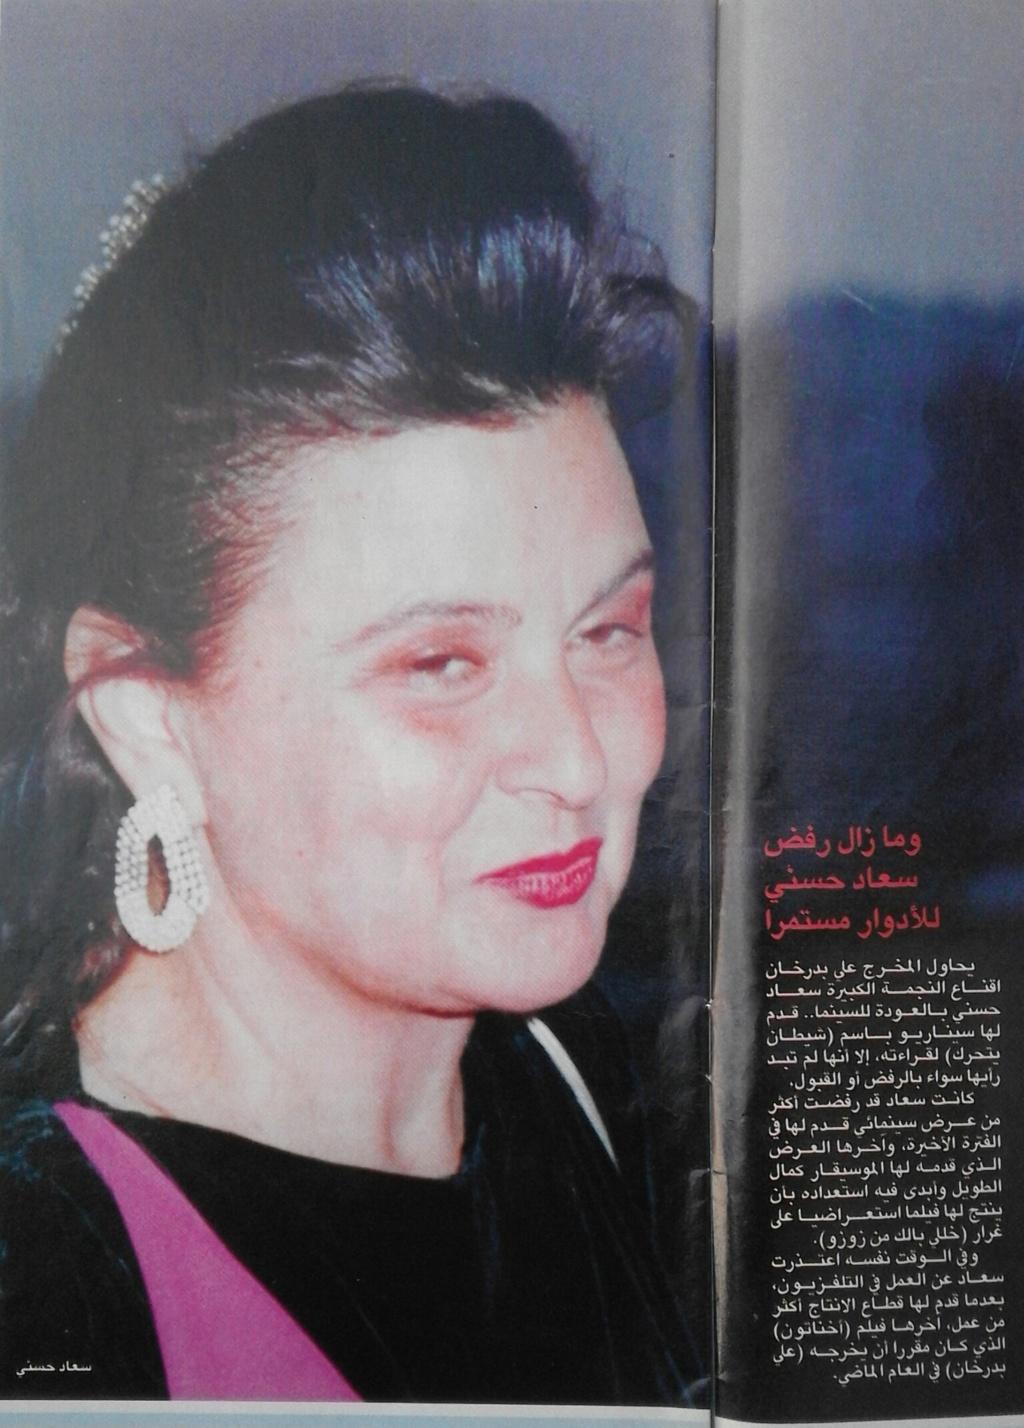 صحفي - خبر صحفي : ومازال رفض سعاد حسني للأدوار مستمراً 1994 م Iaa_a_10